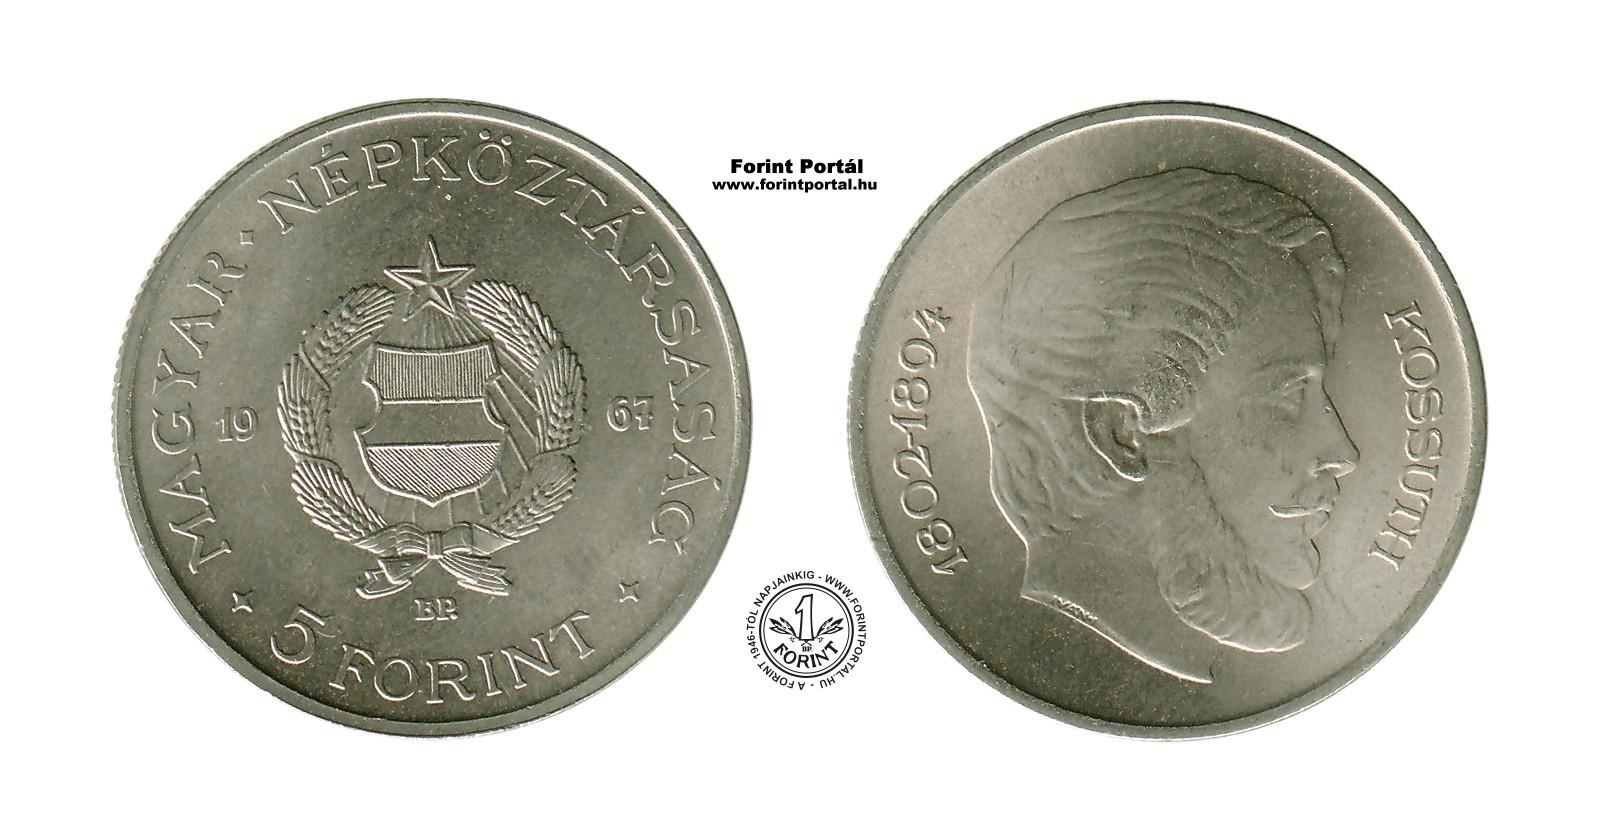 http://www.forintportal.hu/forint/5_forint/www_forintportal_hu_1967_5_forint.jpg